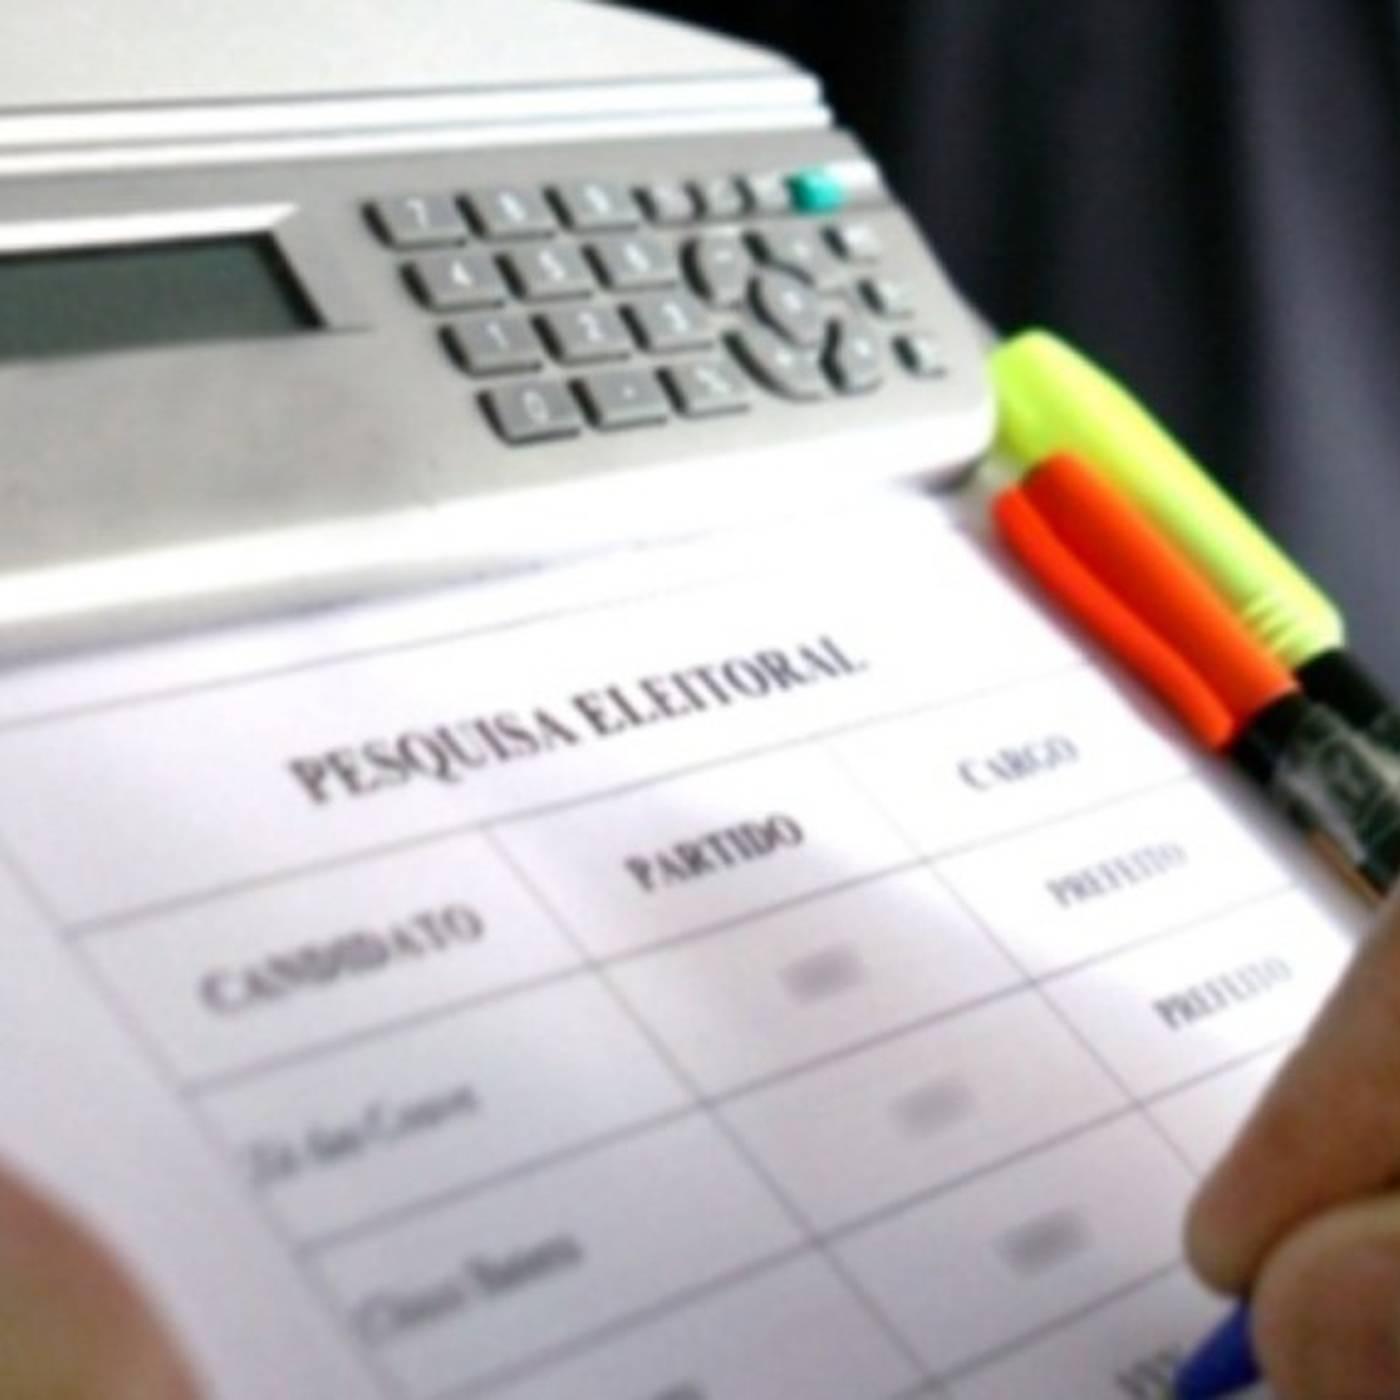 Projeto proíbe pesquisas eleitorais até um mês antes da eleição